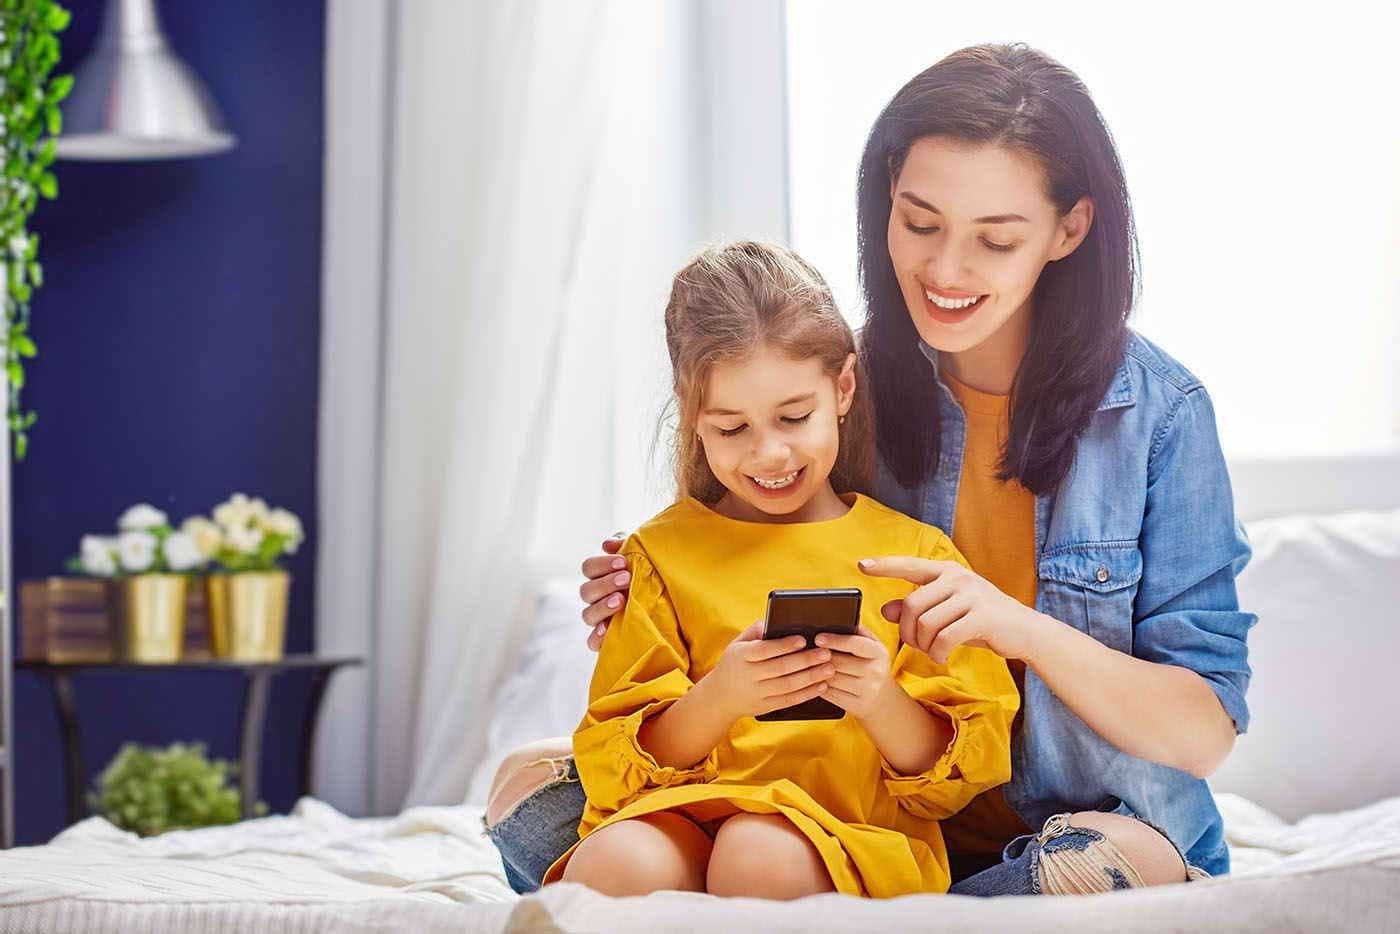 Statul pe telefon nu scade abilitățile sociale ale copilului [studiu]